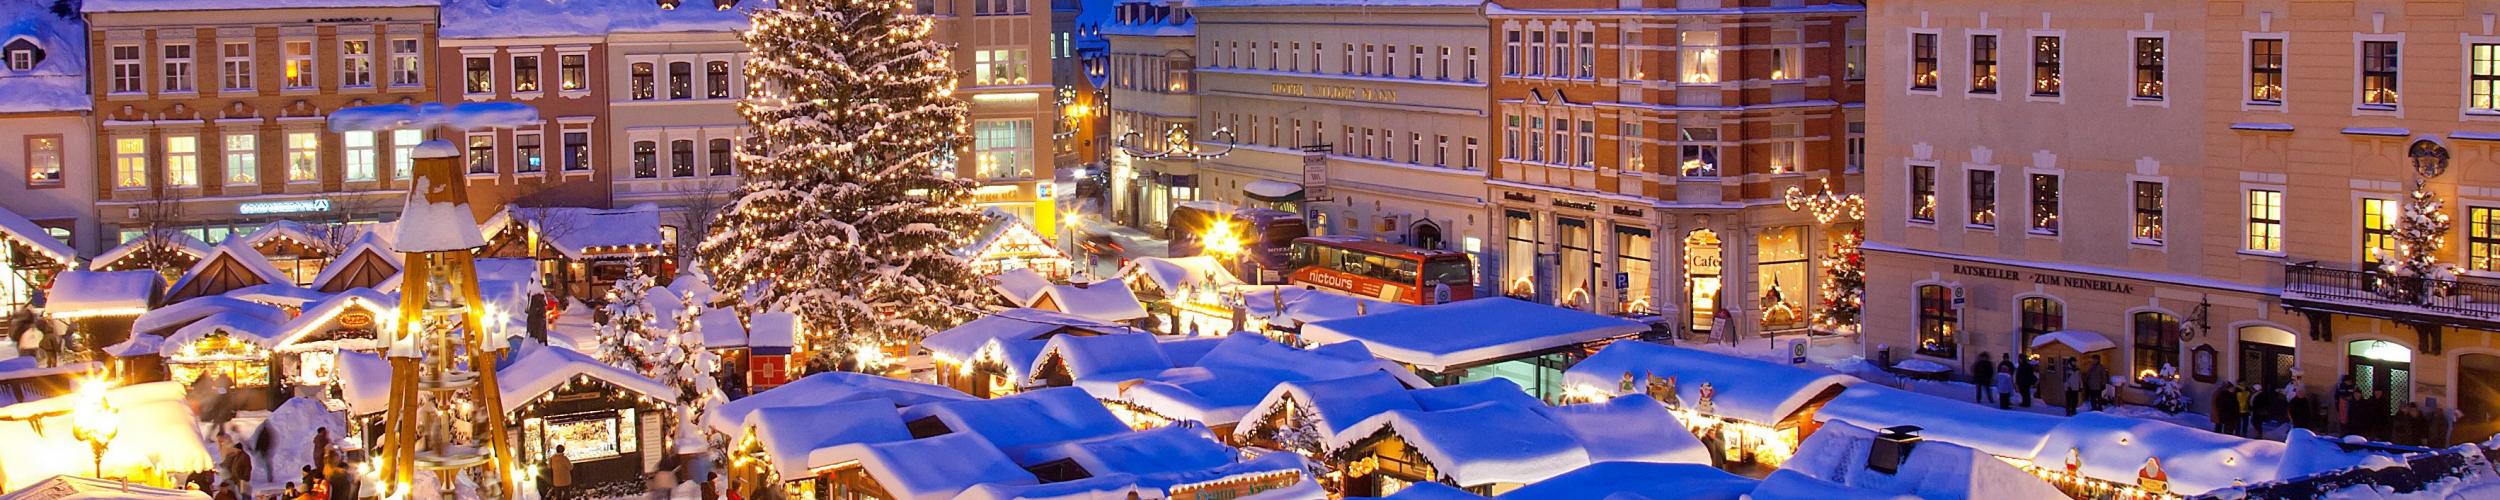 Kerstmarkt PVSJ